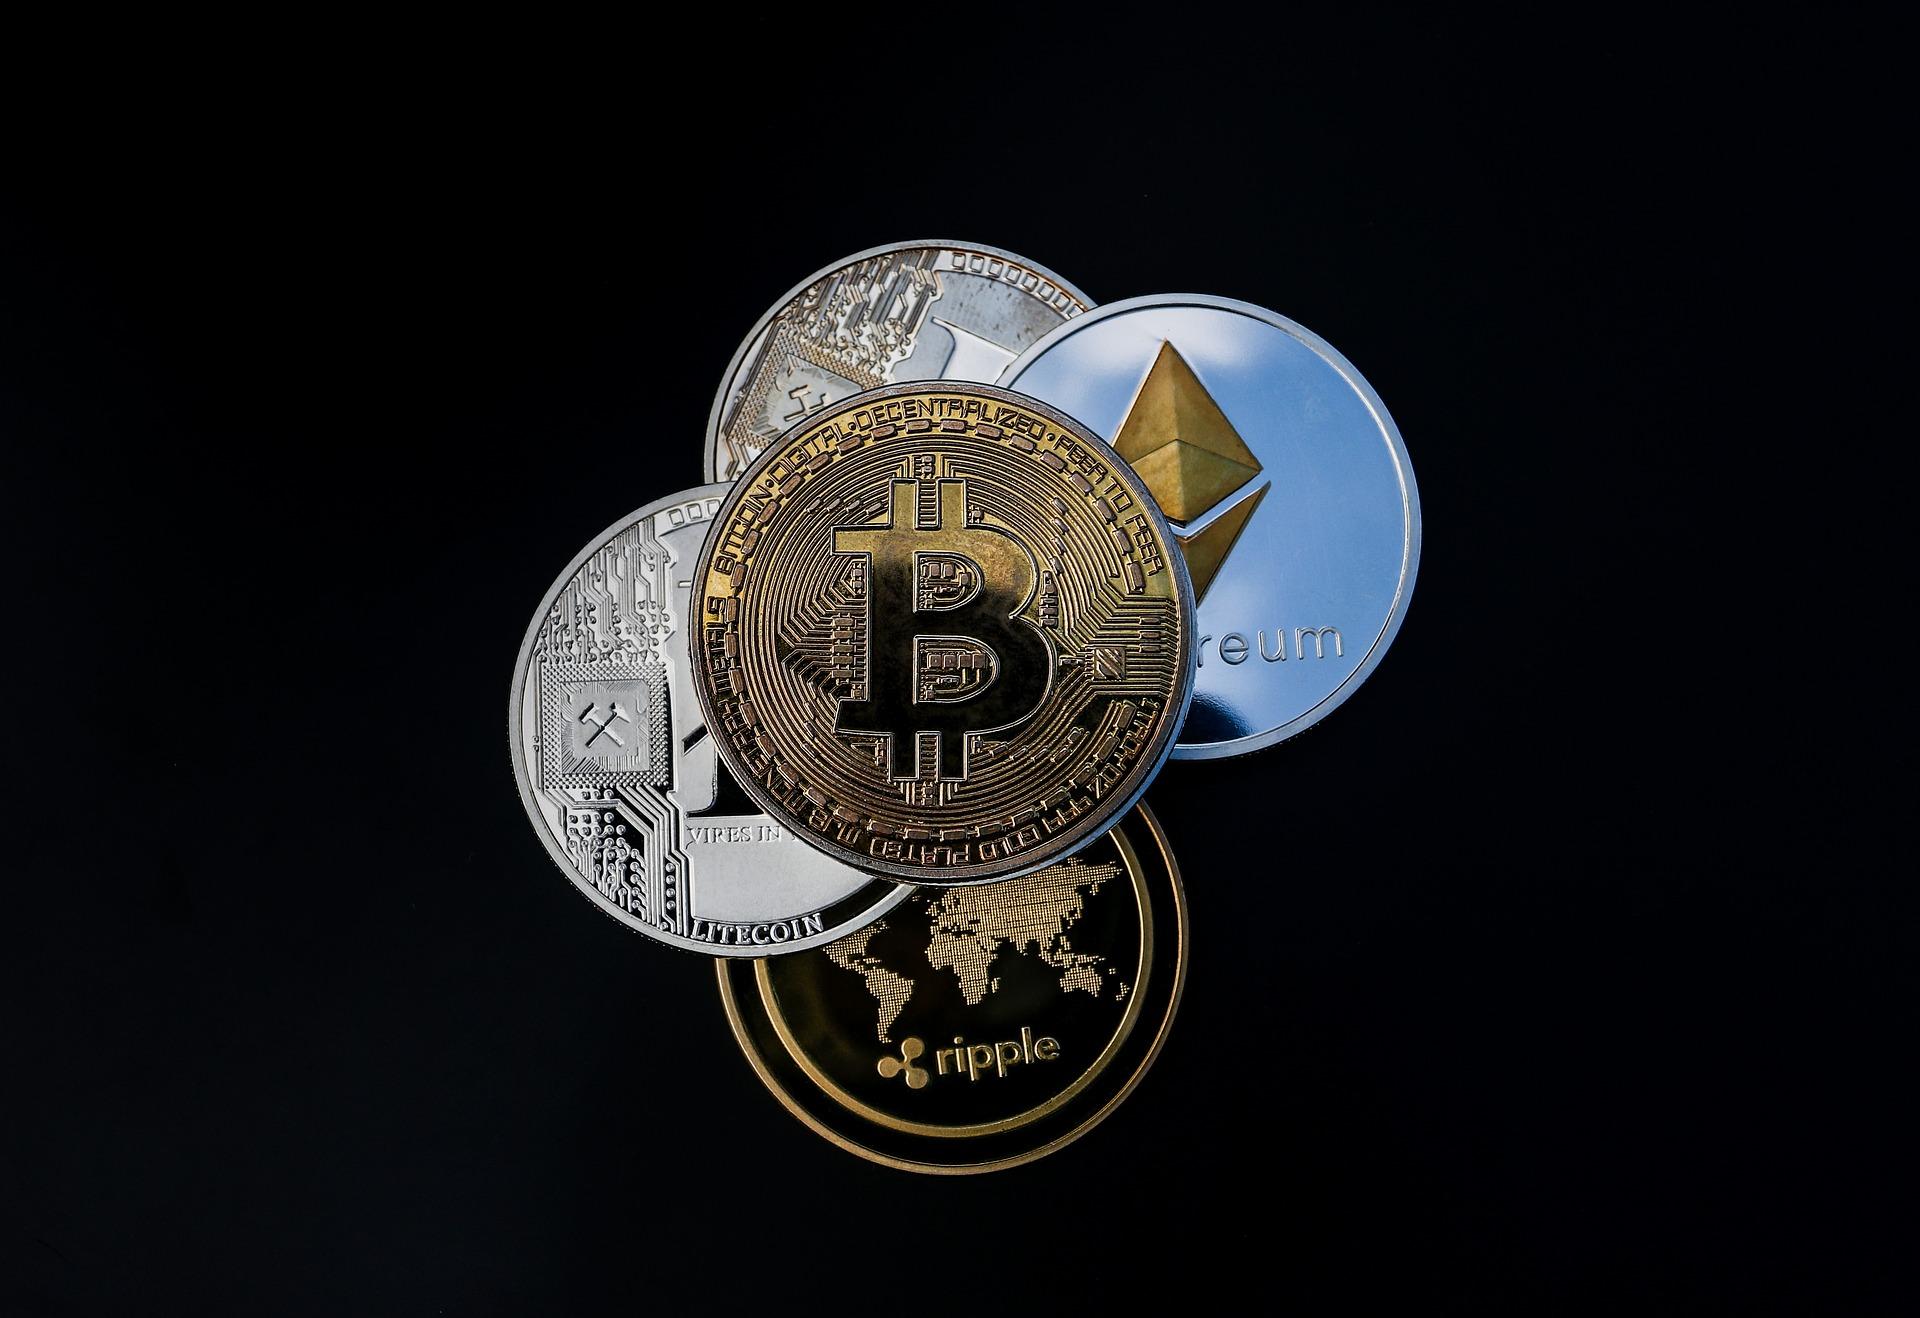 De_l_argent_réel_et_des_opportunités_réelles_:_L_impact_de_l_écart_entre_les_sexes_dans_le_domaine_des_crypto_monnaies